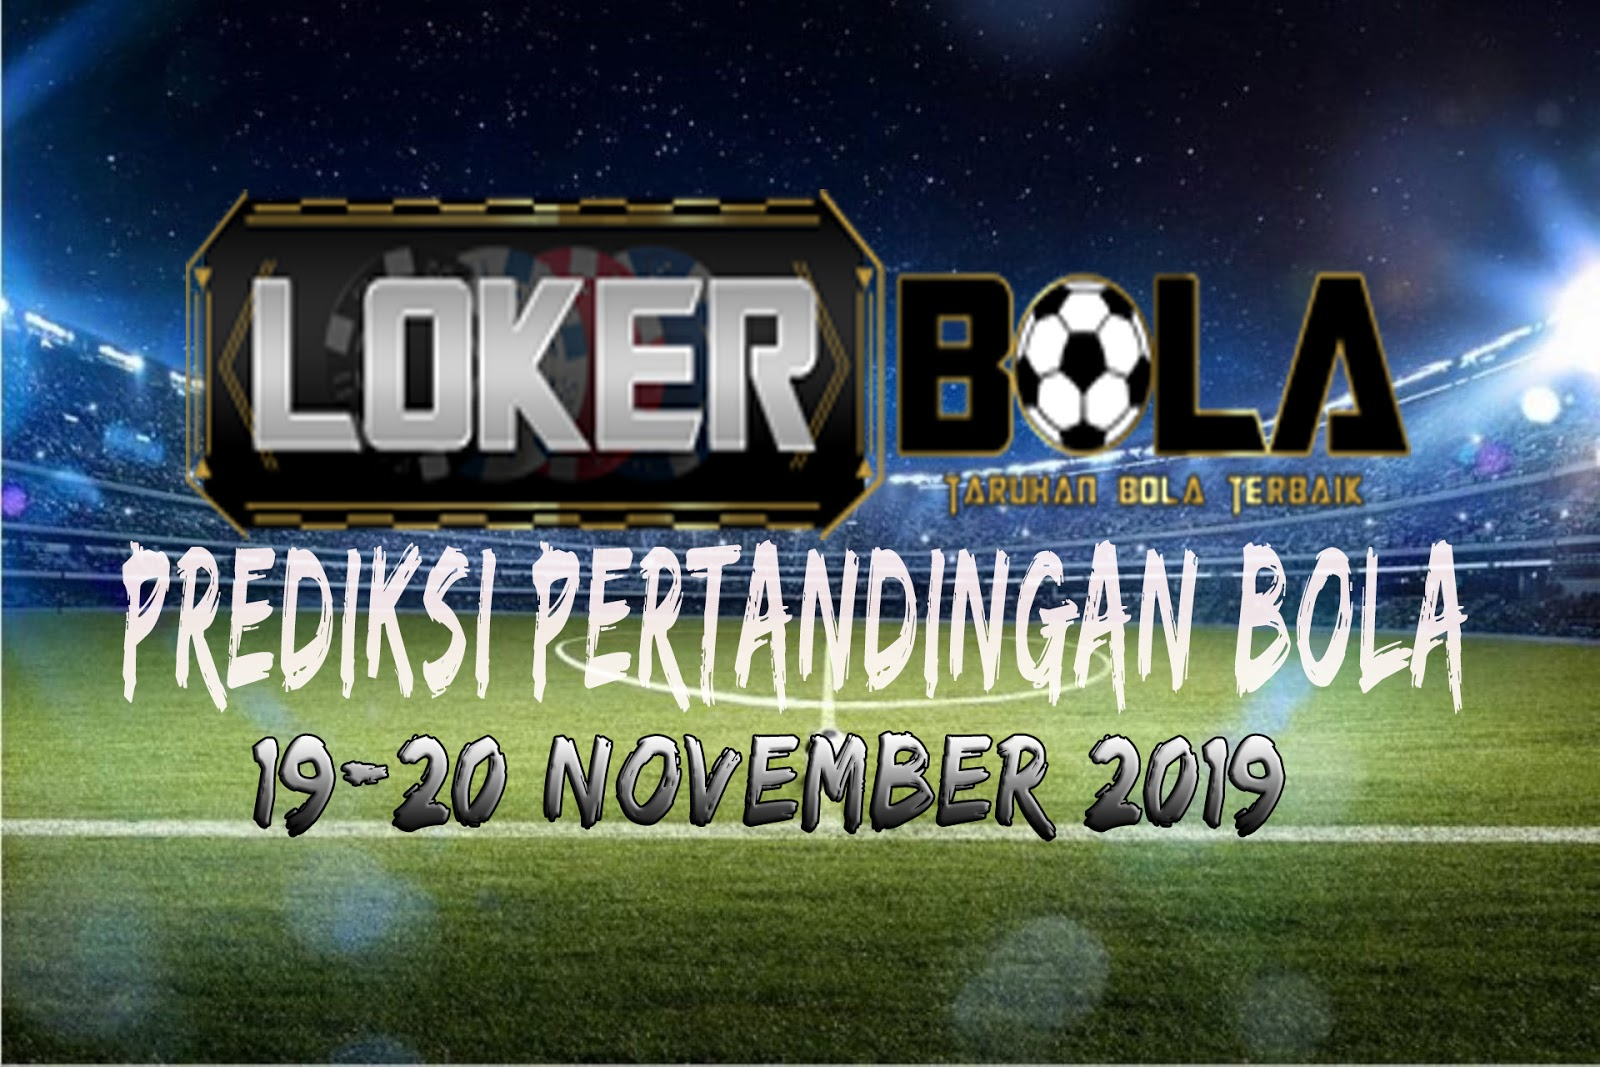 PREDIKSI PERTANDINGAN BOLA 19 – 20 NOVEMBER 2019